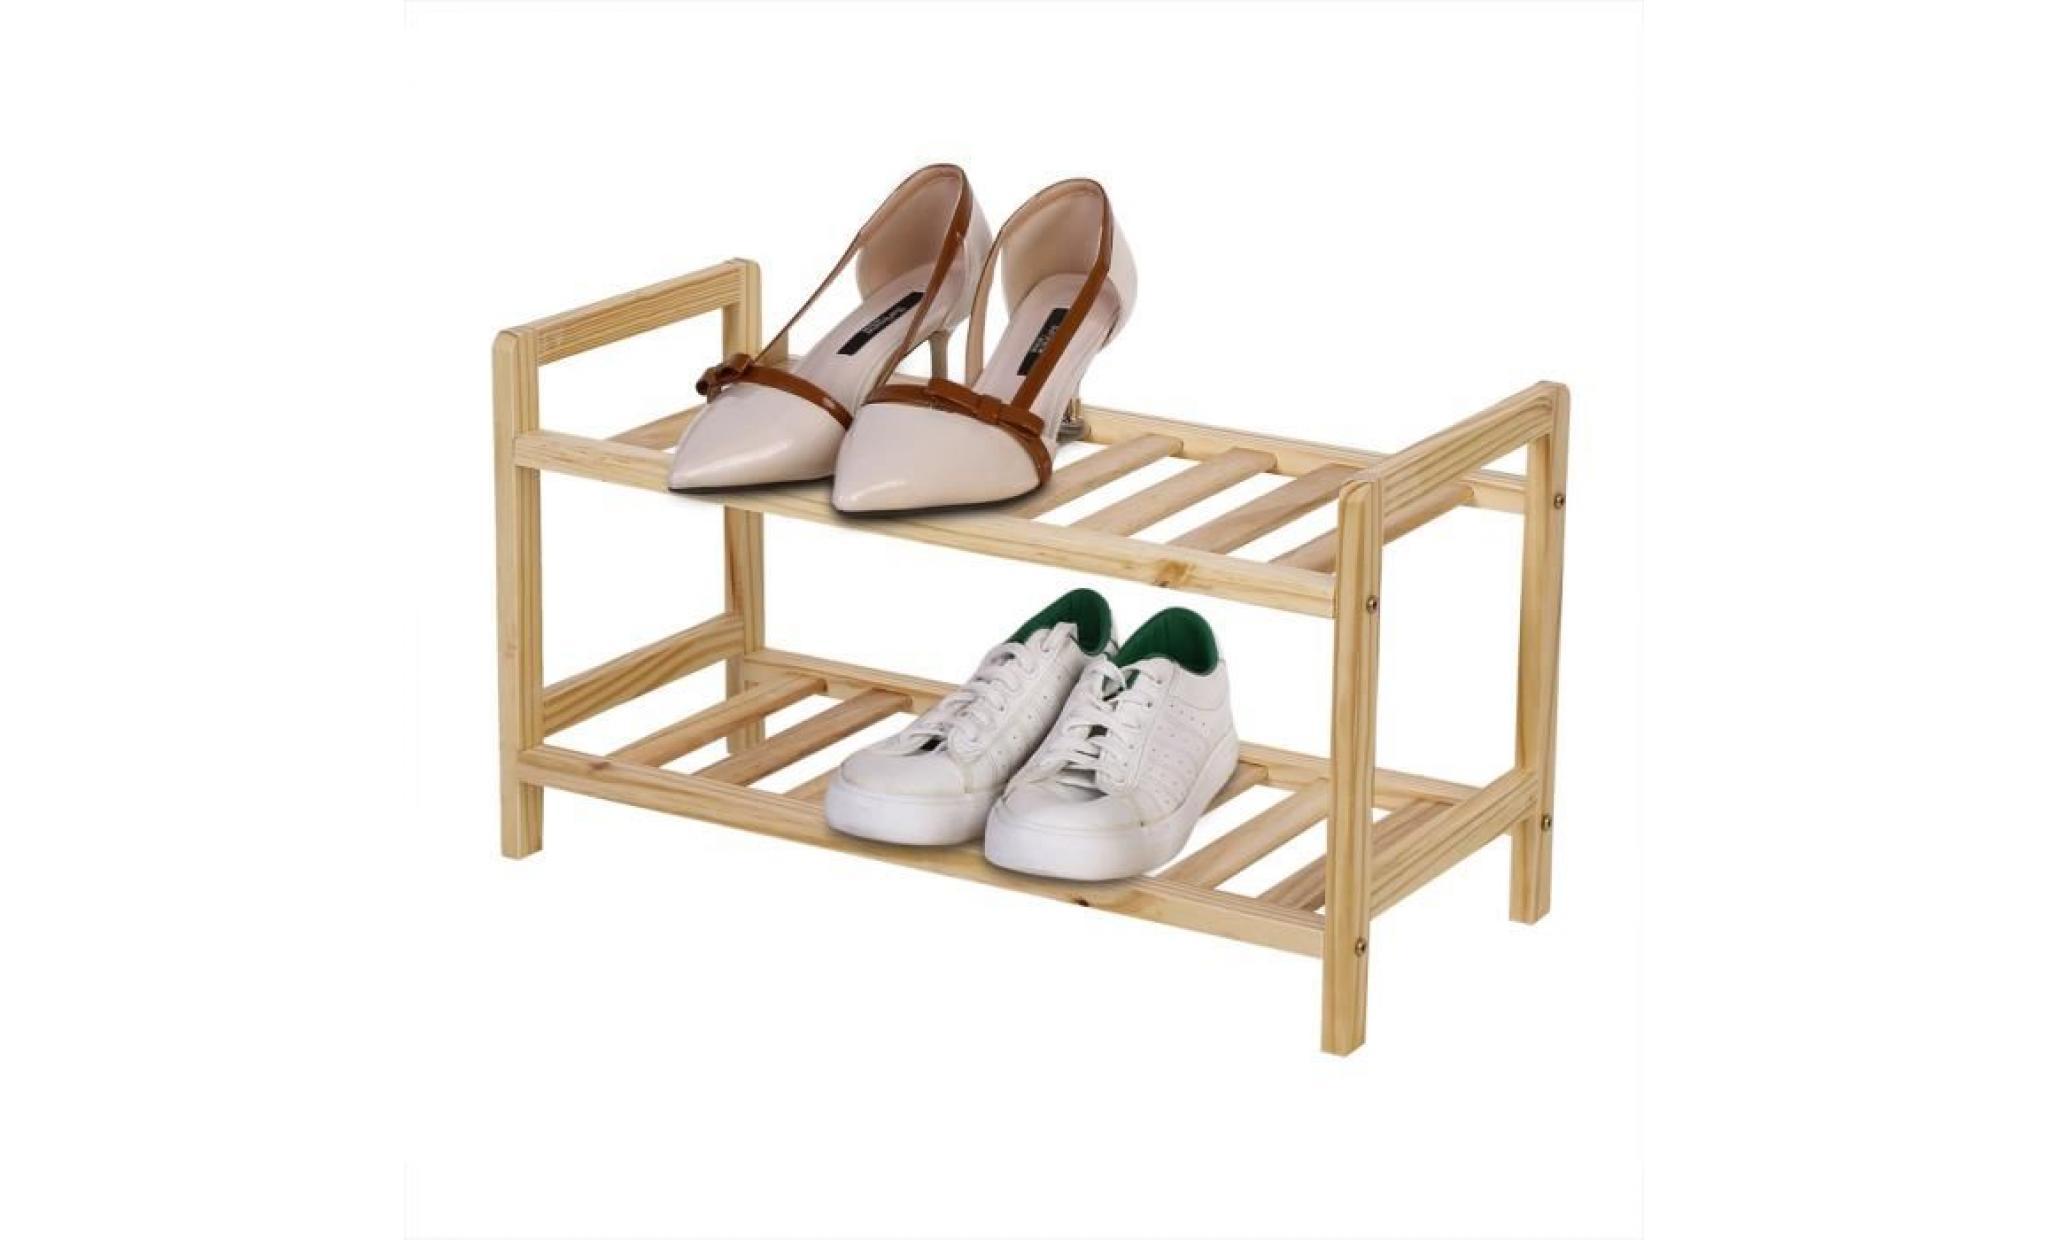 meuble a chaussures etagere a chaussures 2 etages achat vente meuble chaussure pas cher couleur et design fr